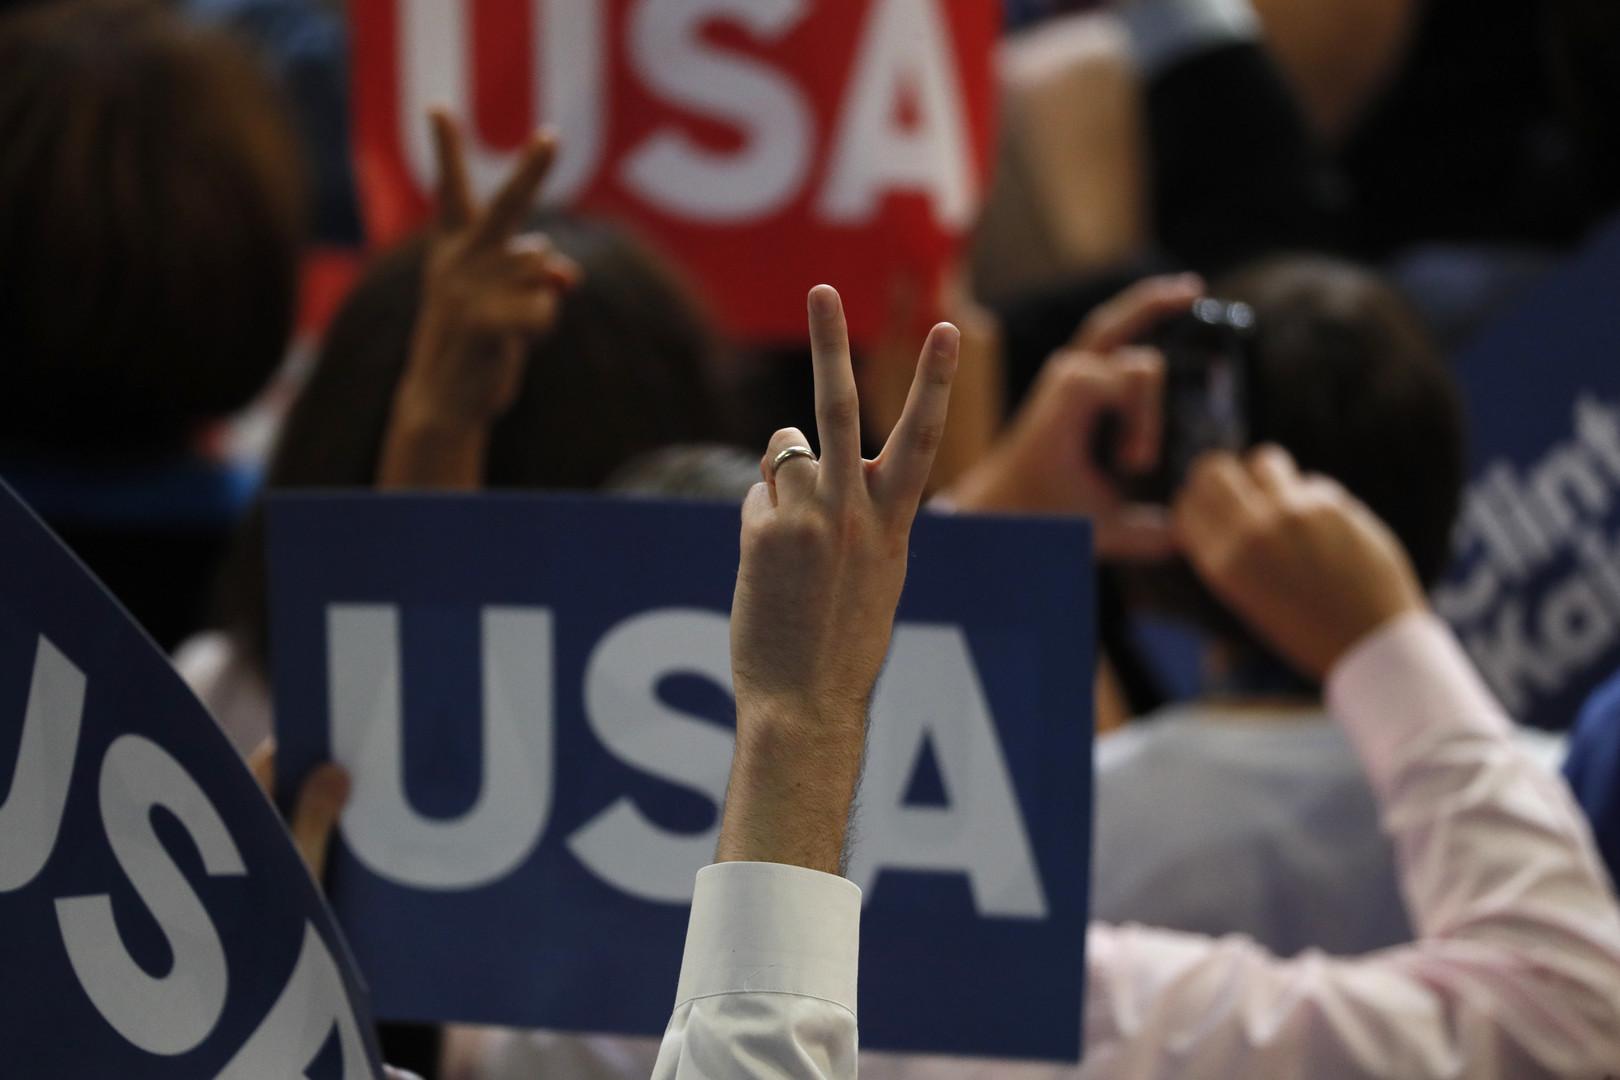 Границы дозволенного: в США предлагают защитить выборы от иностранного финансирования